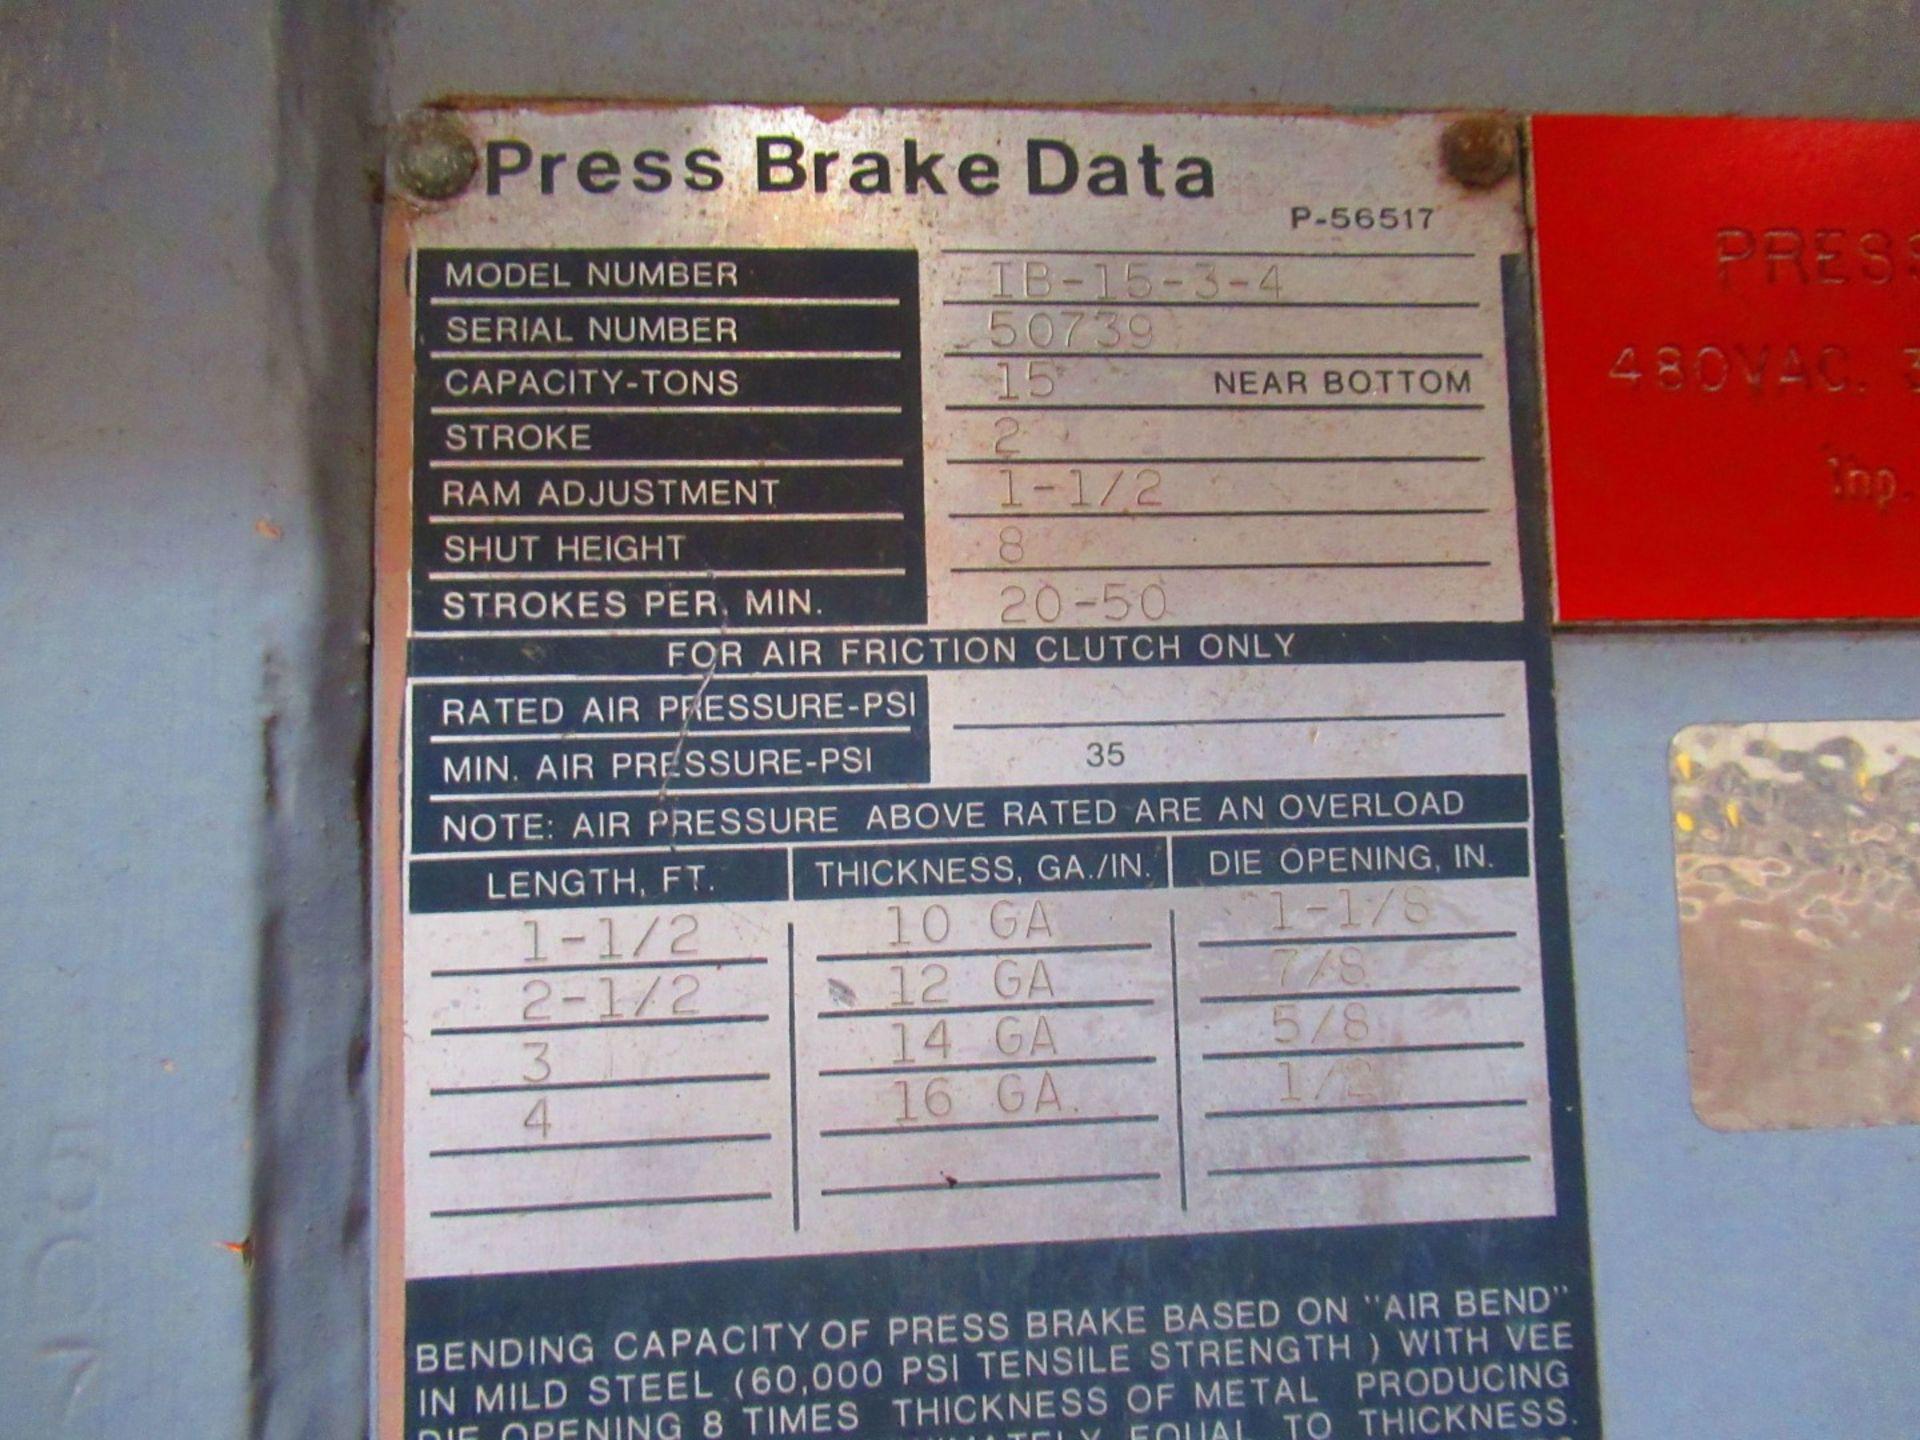 Press Brake - Image 5 of 5